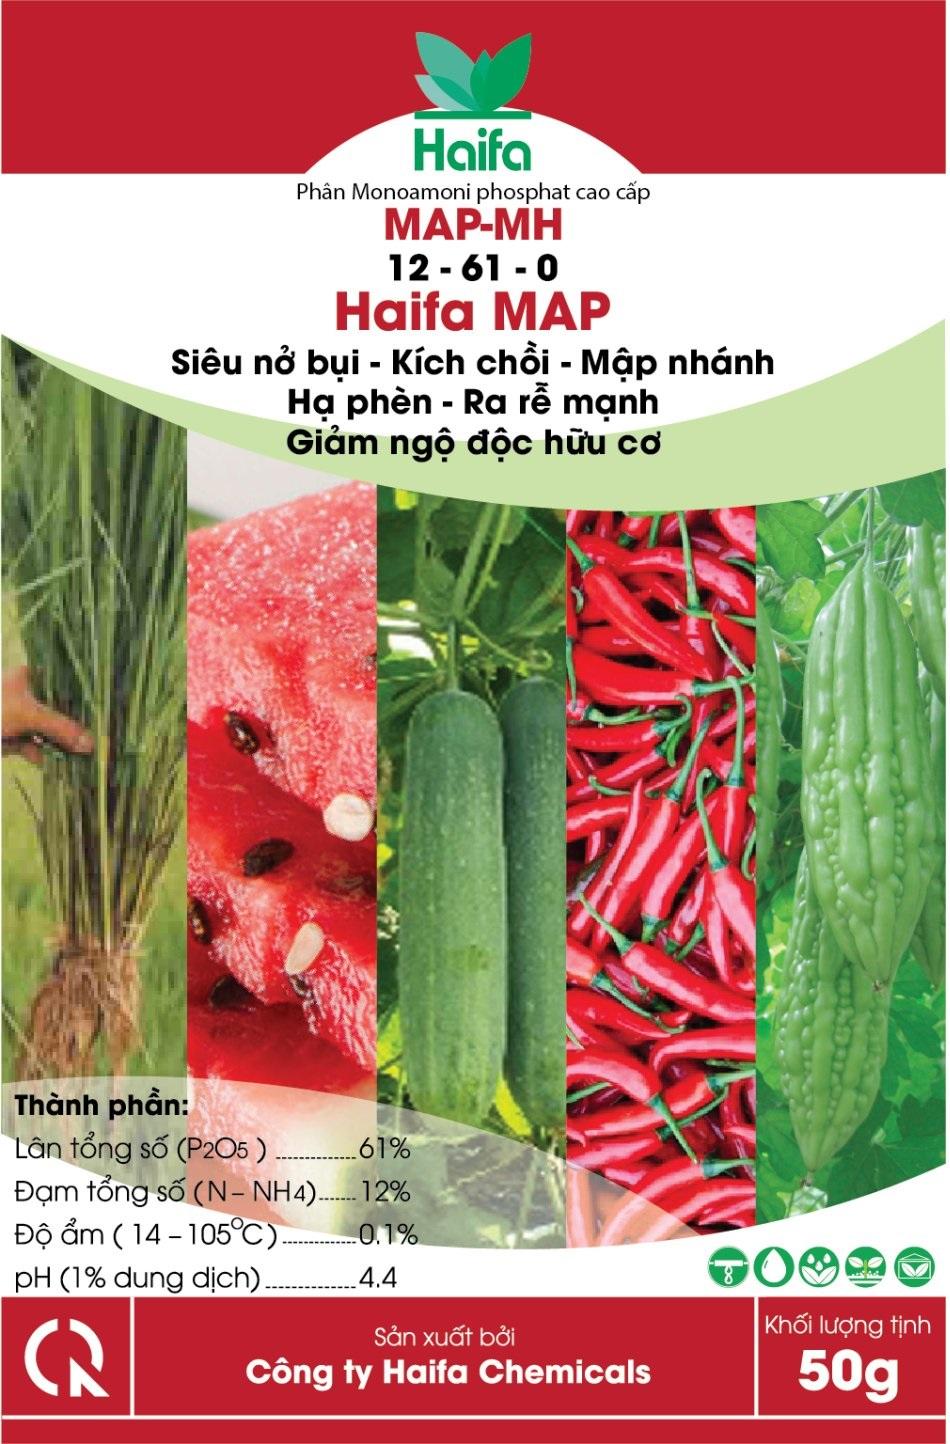 MAP HAIFA ( 12-61- 0)